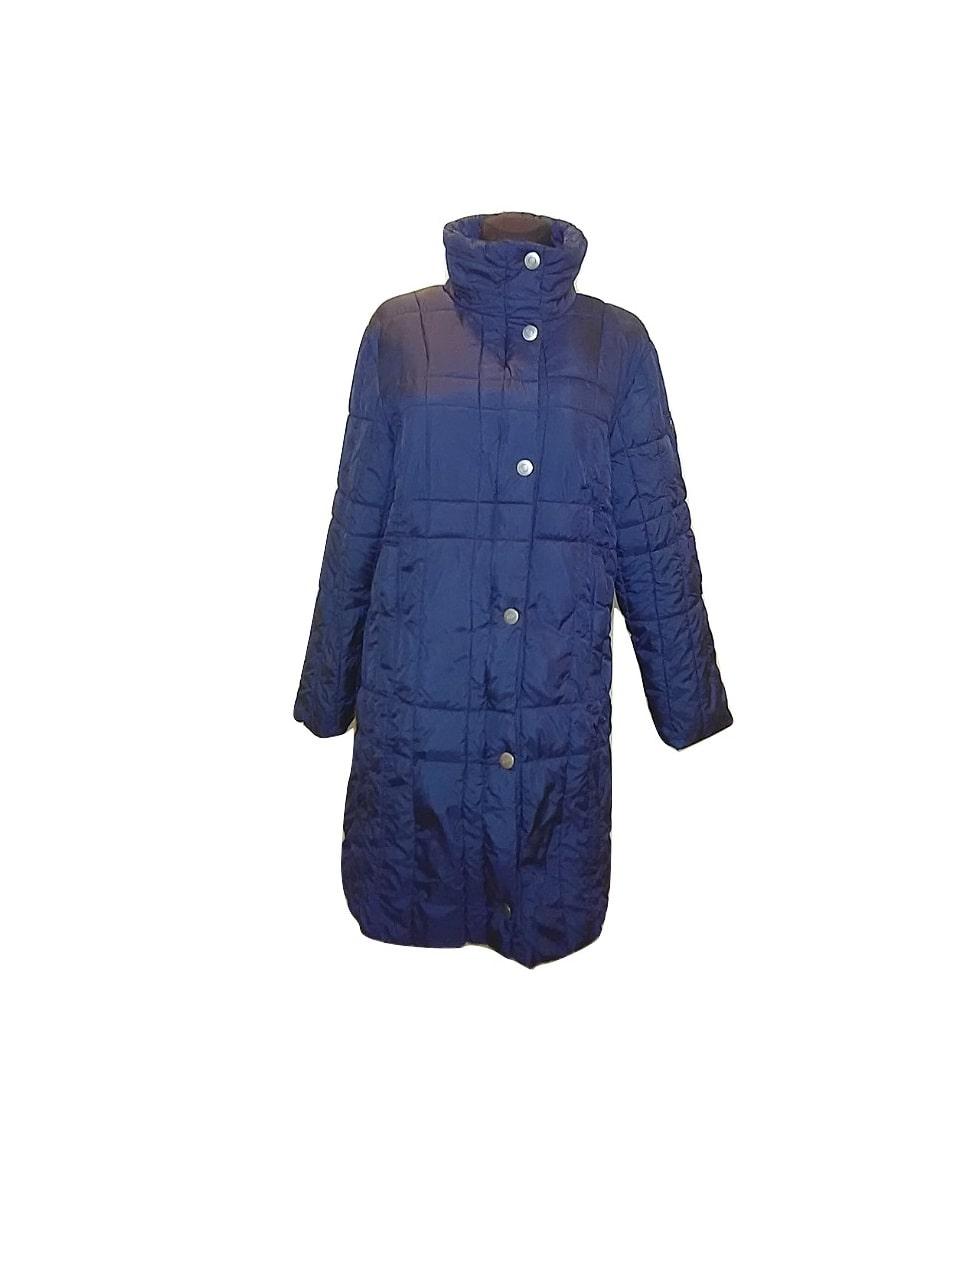 Moteriška ilga striukė tamsiai mėlyna, BF, 4 dydis